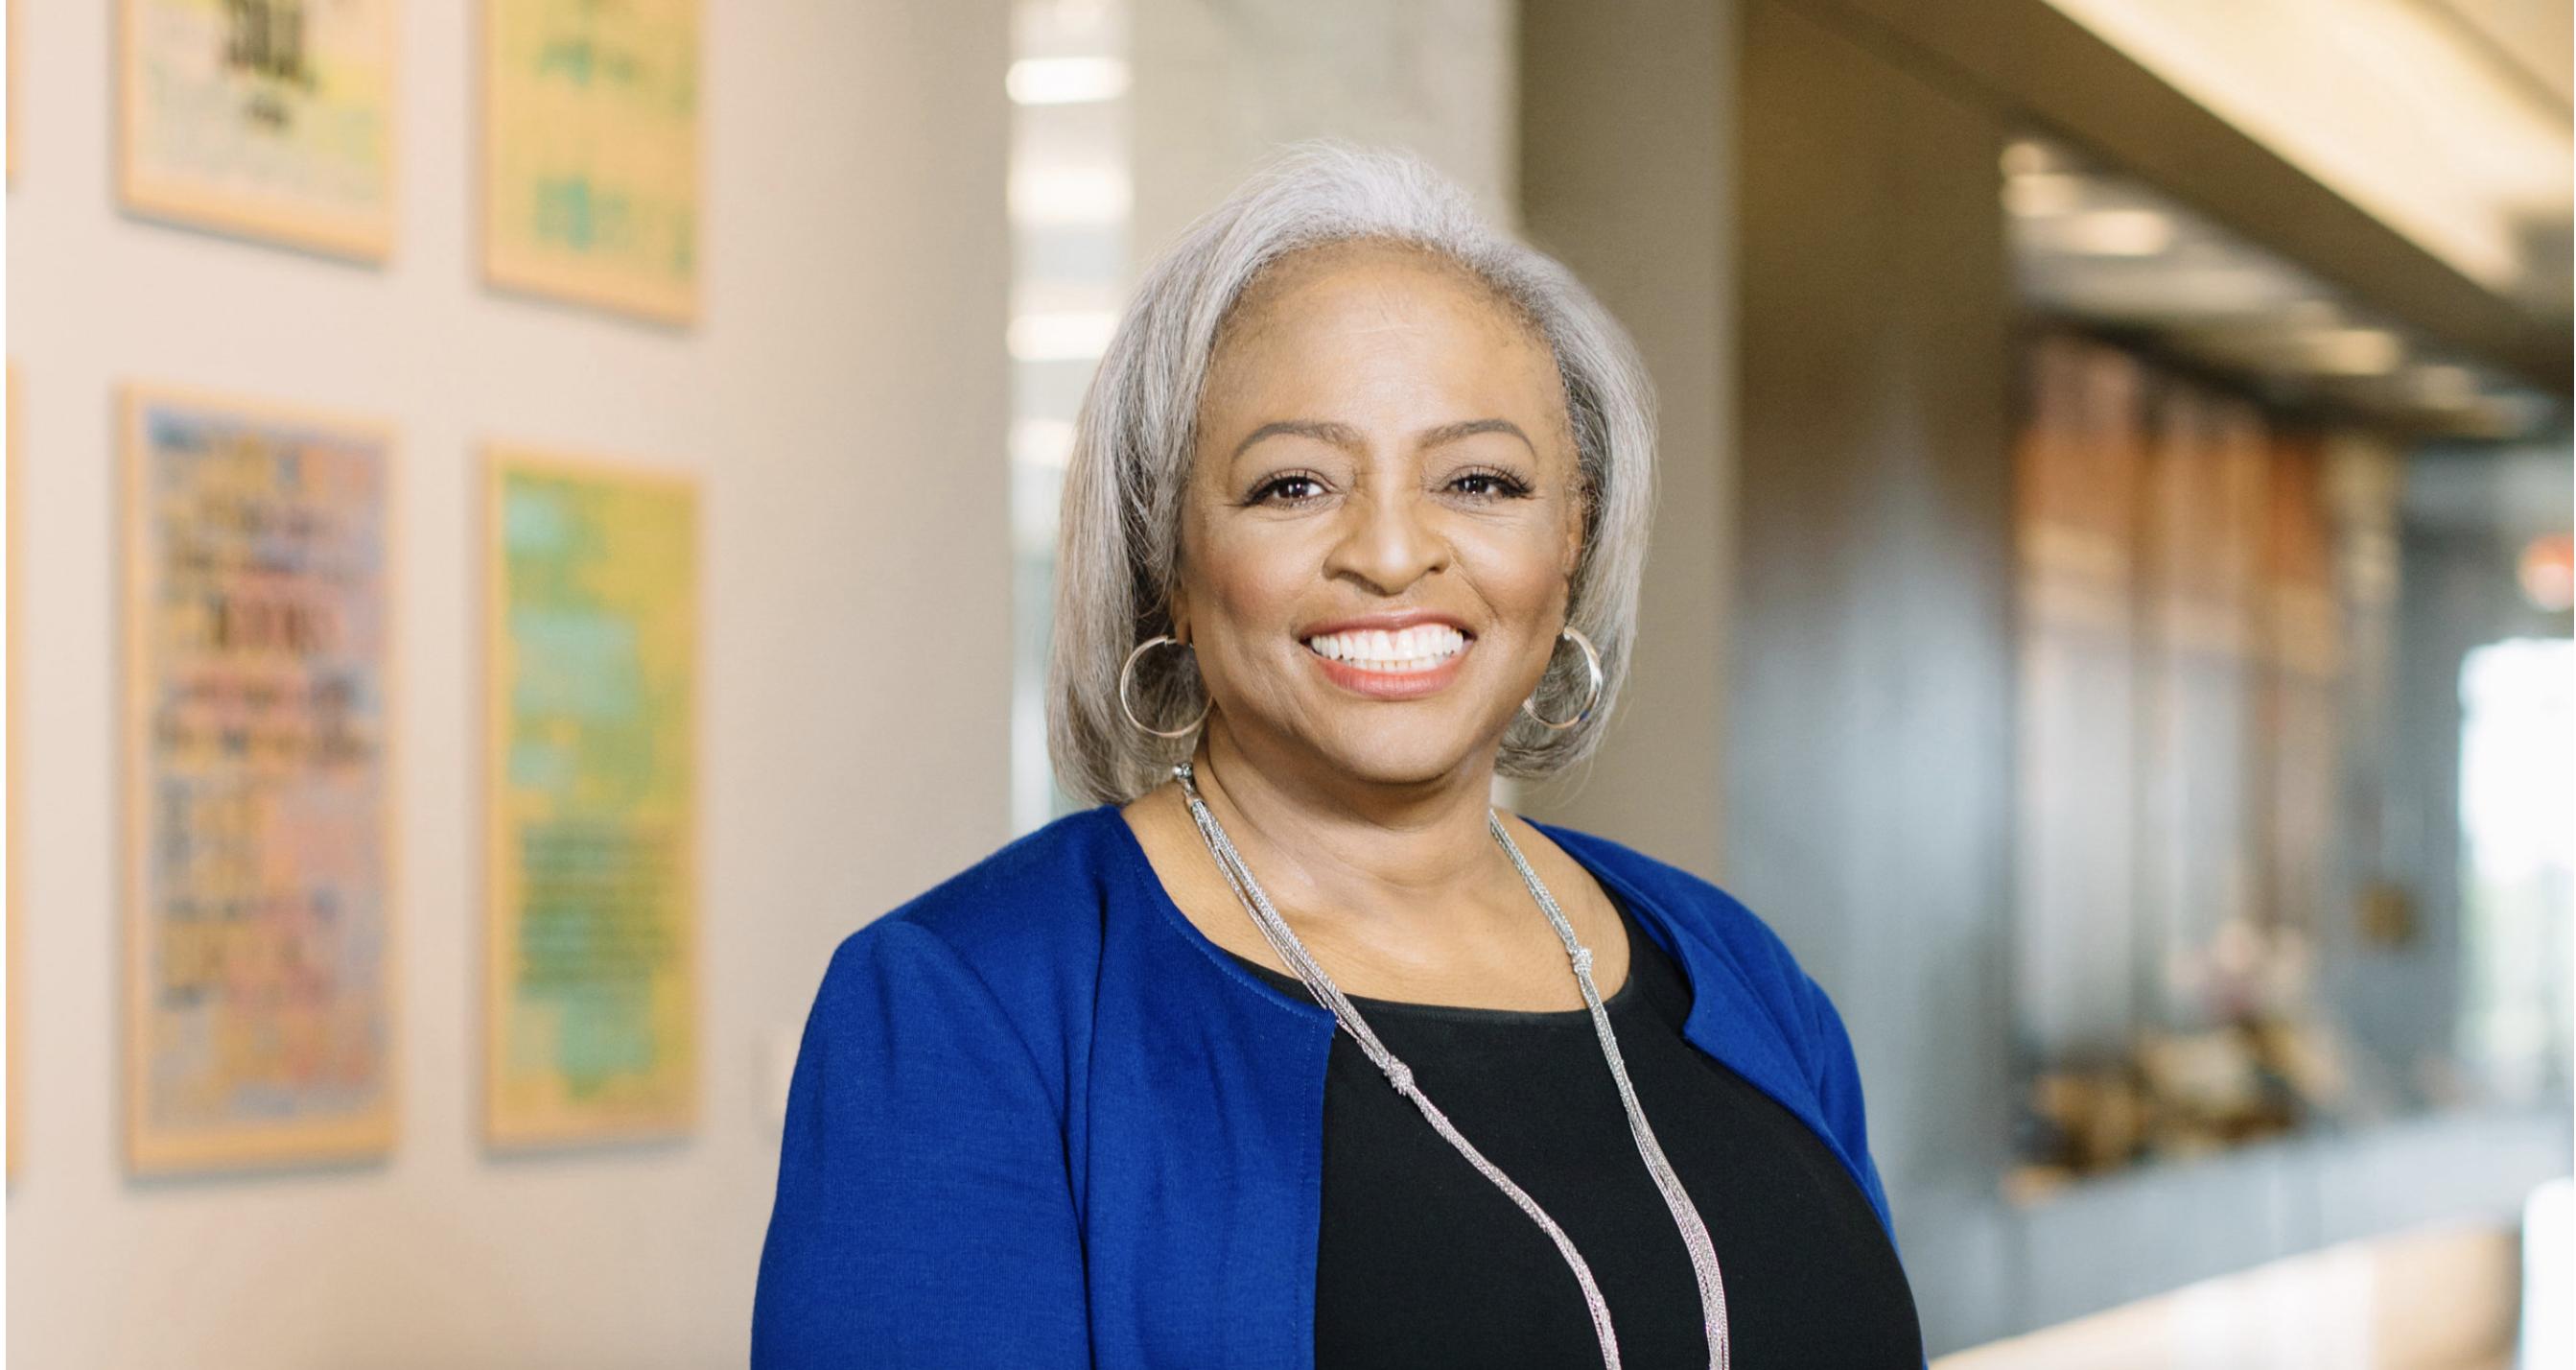 Professor Carol Anderson